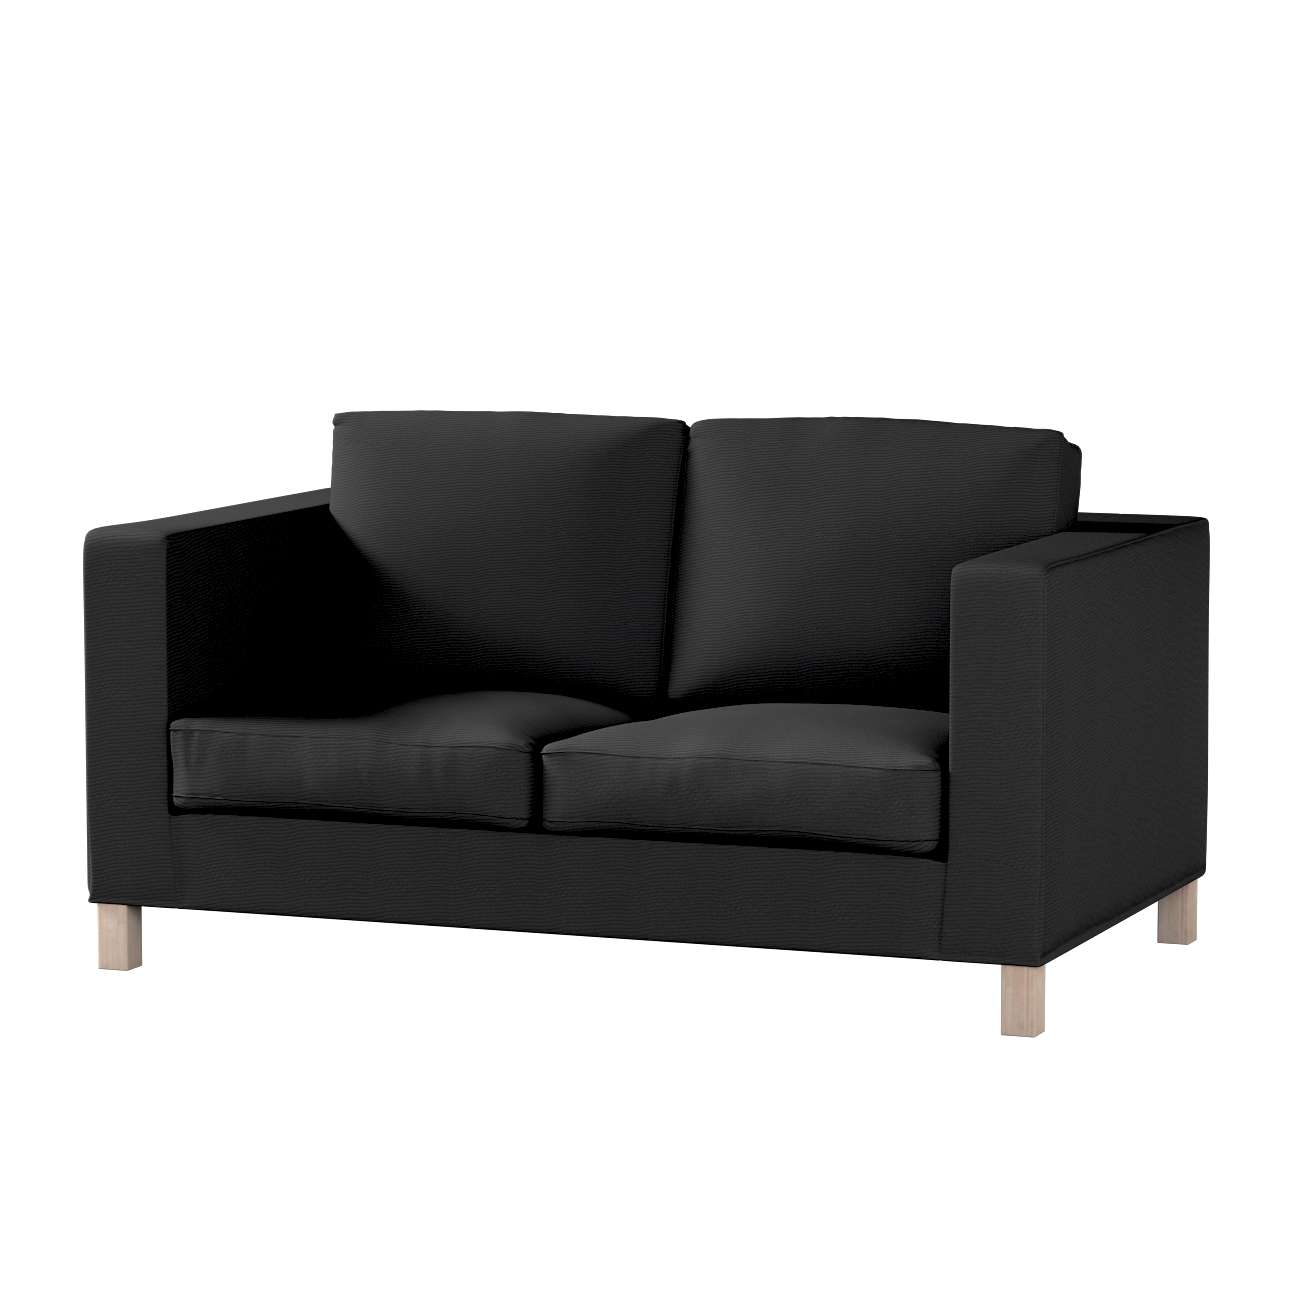 Pokrowiec na sofę Karlanda 2-osobową nierozkładaną, krótki w kolekcji Etna , tkanina: 705-00